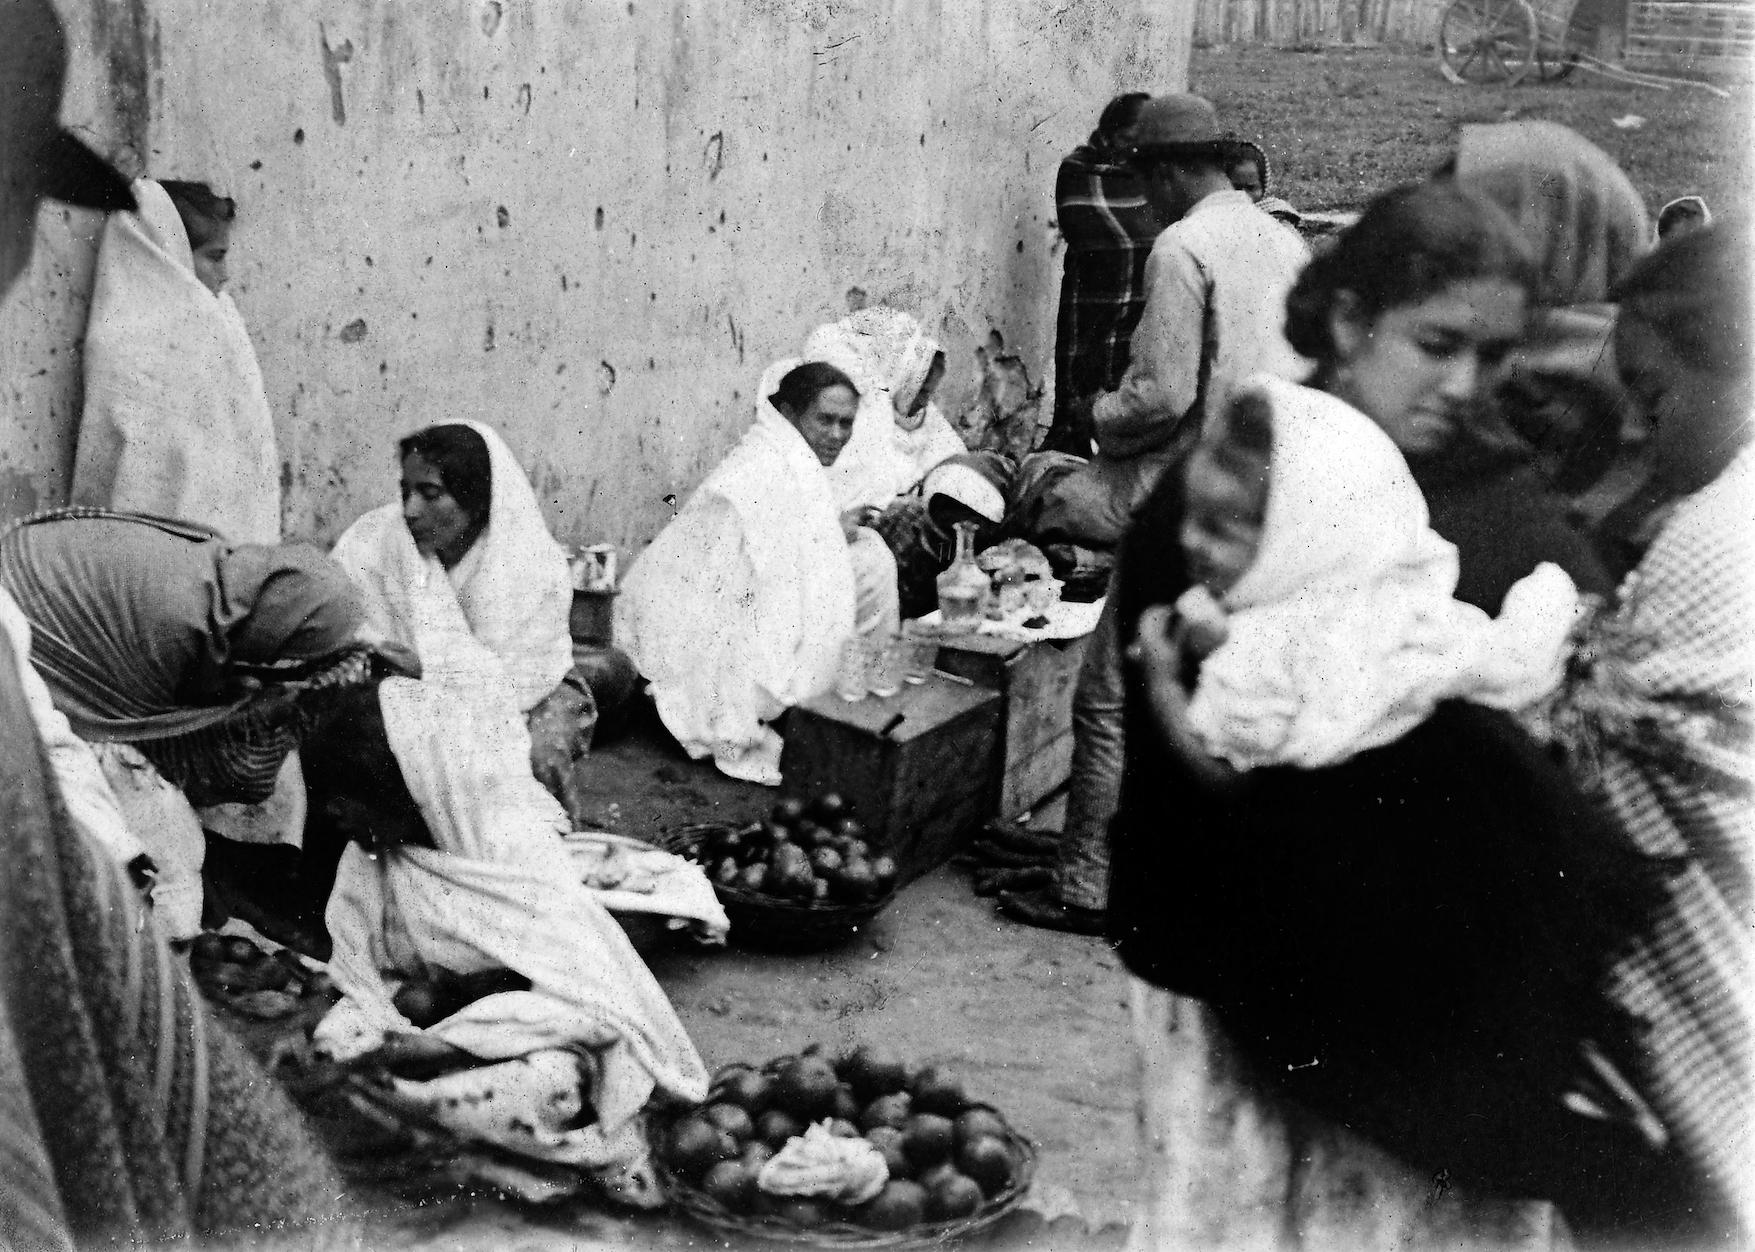 En los mercados, también las vendedoras sufrieron las restricciones. Foto: Auguste François, 1895. Cortesía Asociación Auguste François